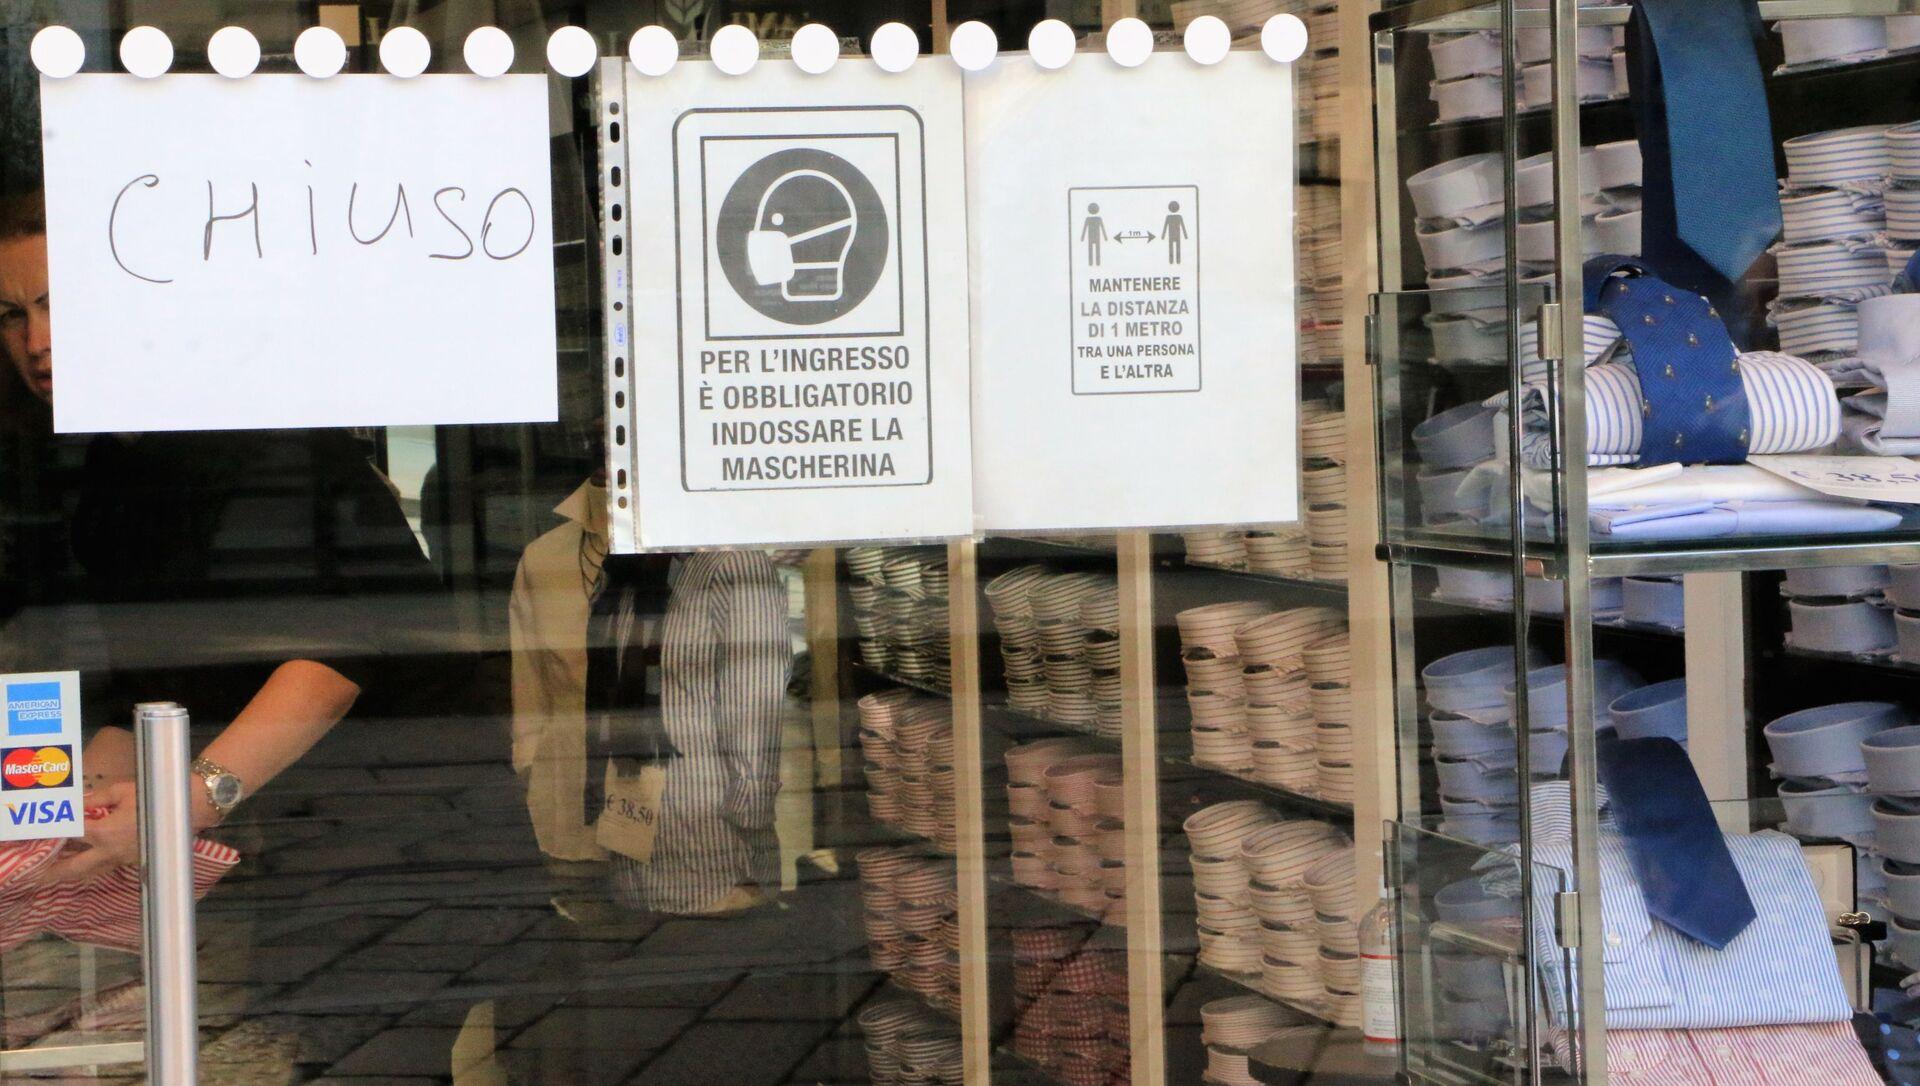 Un negozio chiuso con un volantino con le misure anti-Covid  - Sputnik Italia, 1920, 13.04.2021